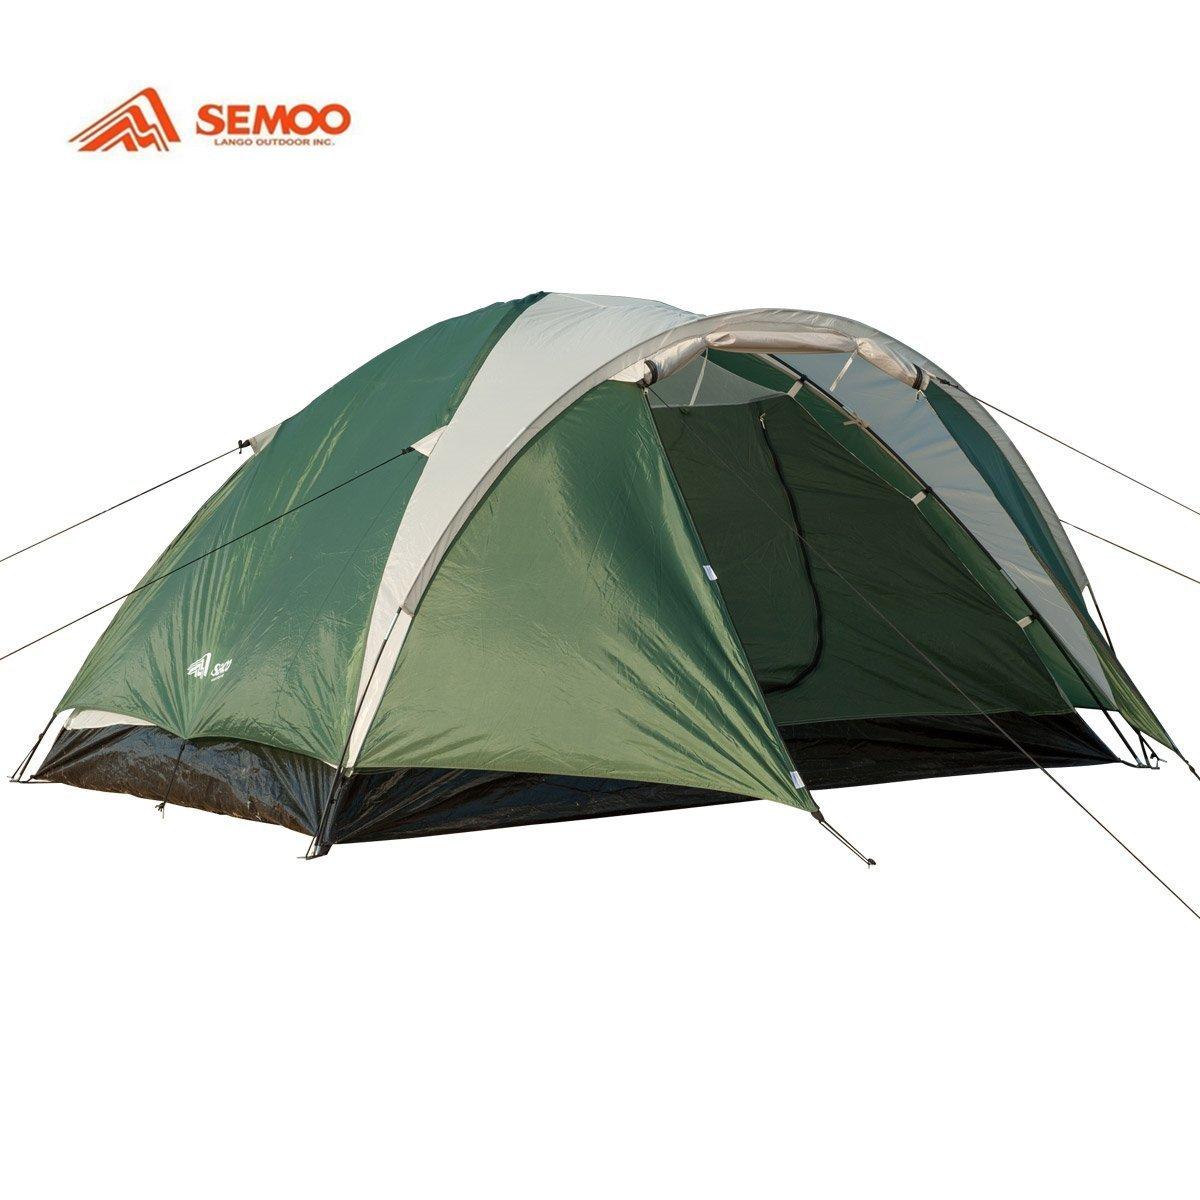 Semoo - - Semoo leichtes Zelt mit Tragetasche für 3-4 Personen - Kuppelzelt - doppelwandig - 3-Jahreszeiten Zelt - Beige Grün 06e3bd